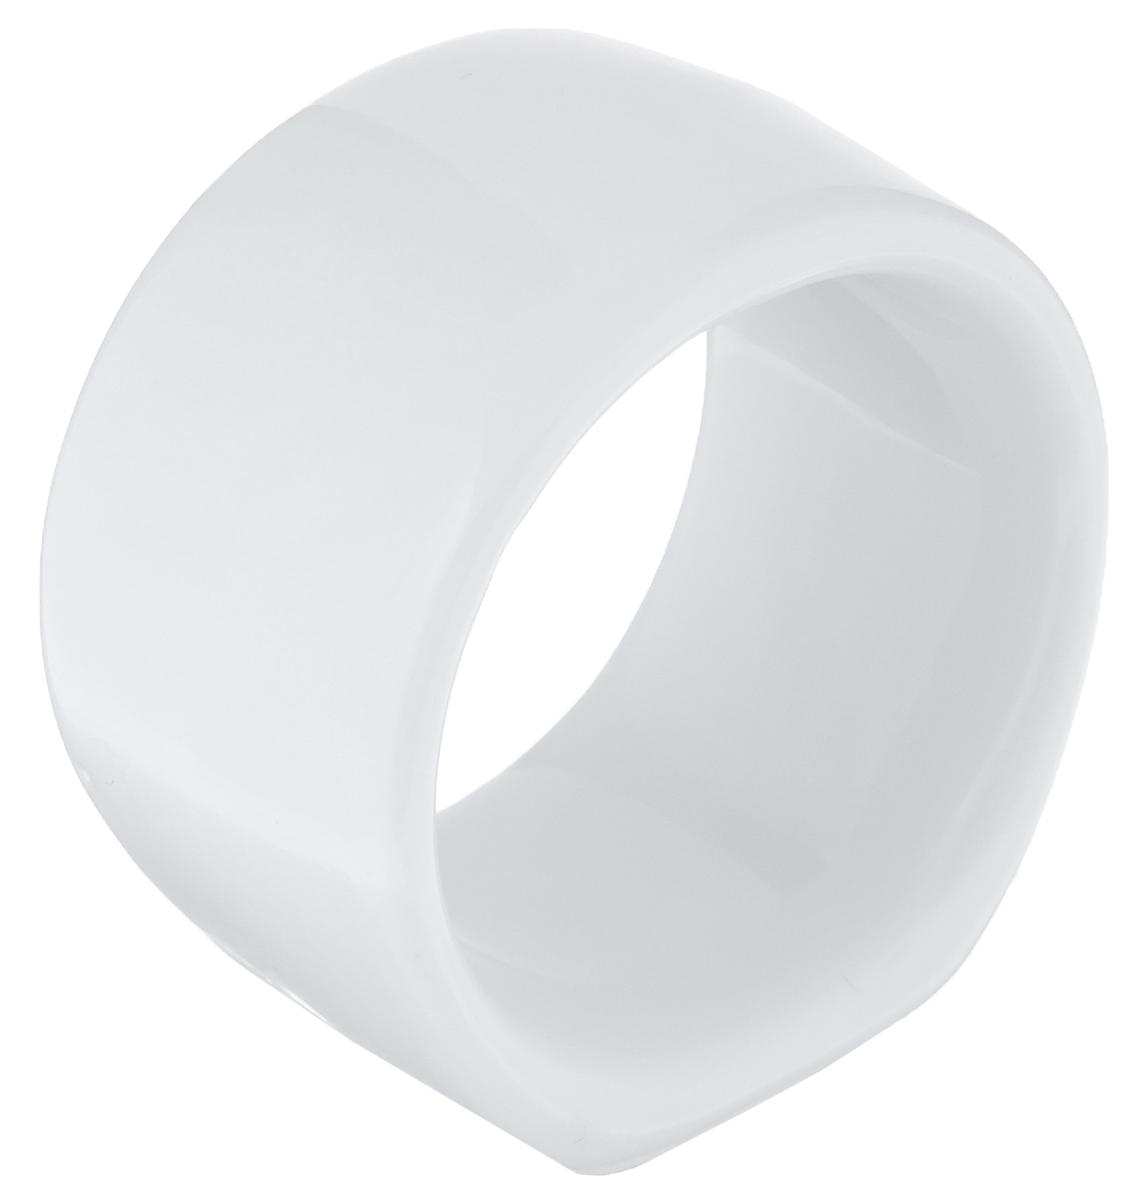 Кольцо для салфеток La Rose Des Sables Vendanges, цвет: белый, диаметр 4 см115610Кольцо для салфеток La Rose Des Sables Vendanges выполнено из высококачественного фарфора с простотой и изяществом. Такое кольцо станет замечательной деталью сервировки и великолепным украшением праздничного стола.Внешний диаметр кольца: 4 см. Внутренний диаметр кольца: 3,5 см. Ширина кольца: 2,5 см.